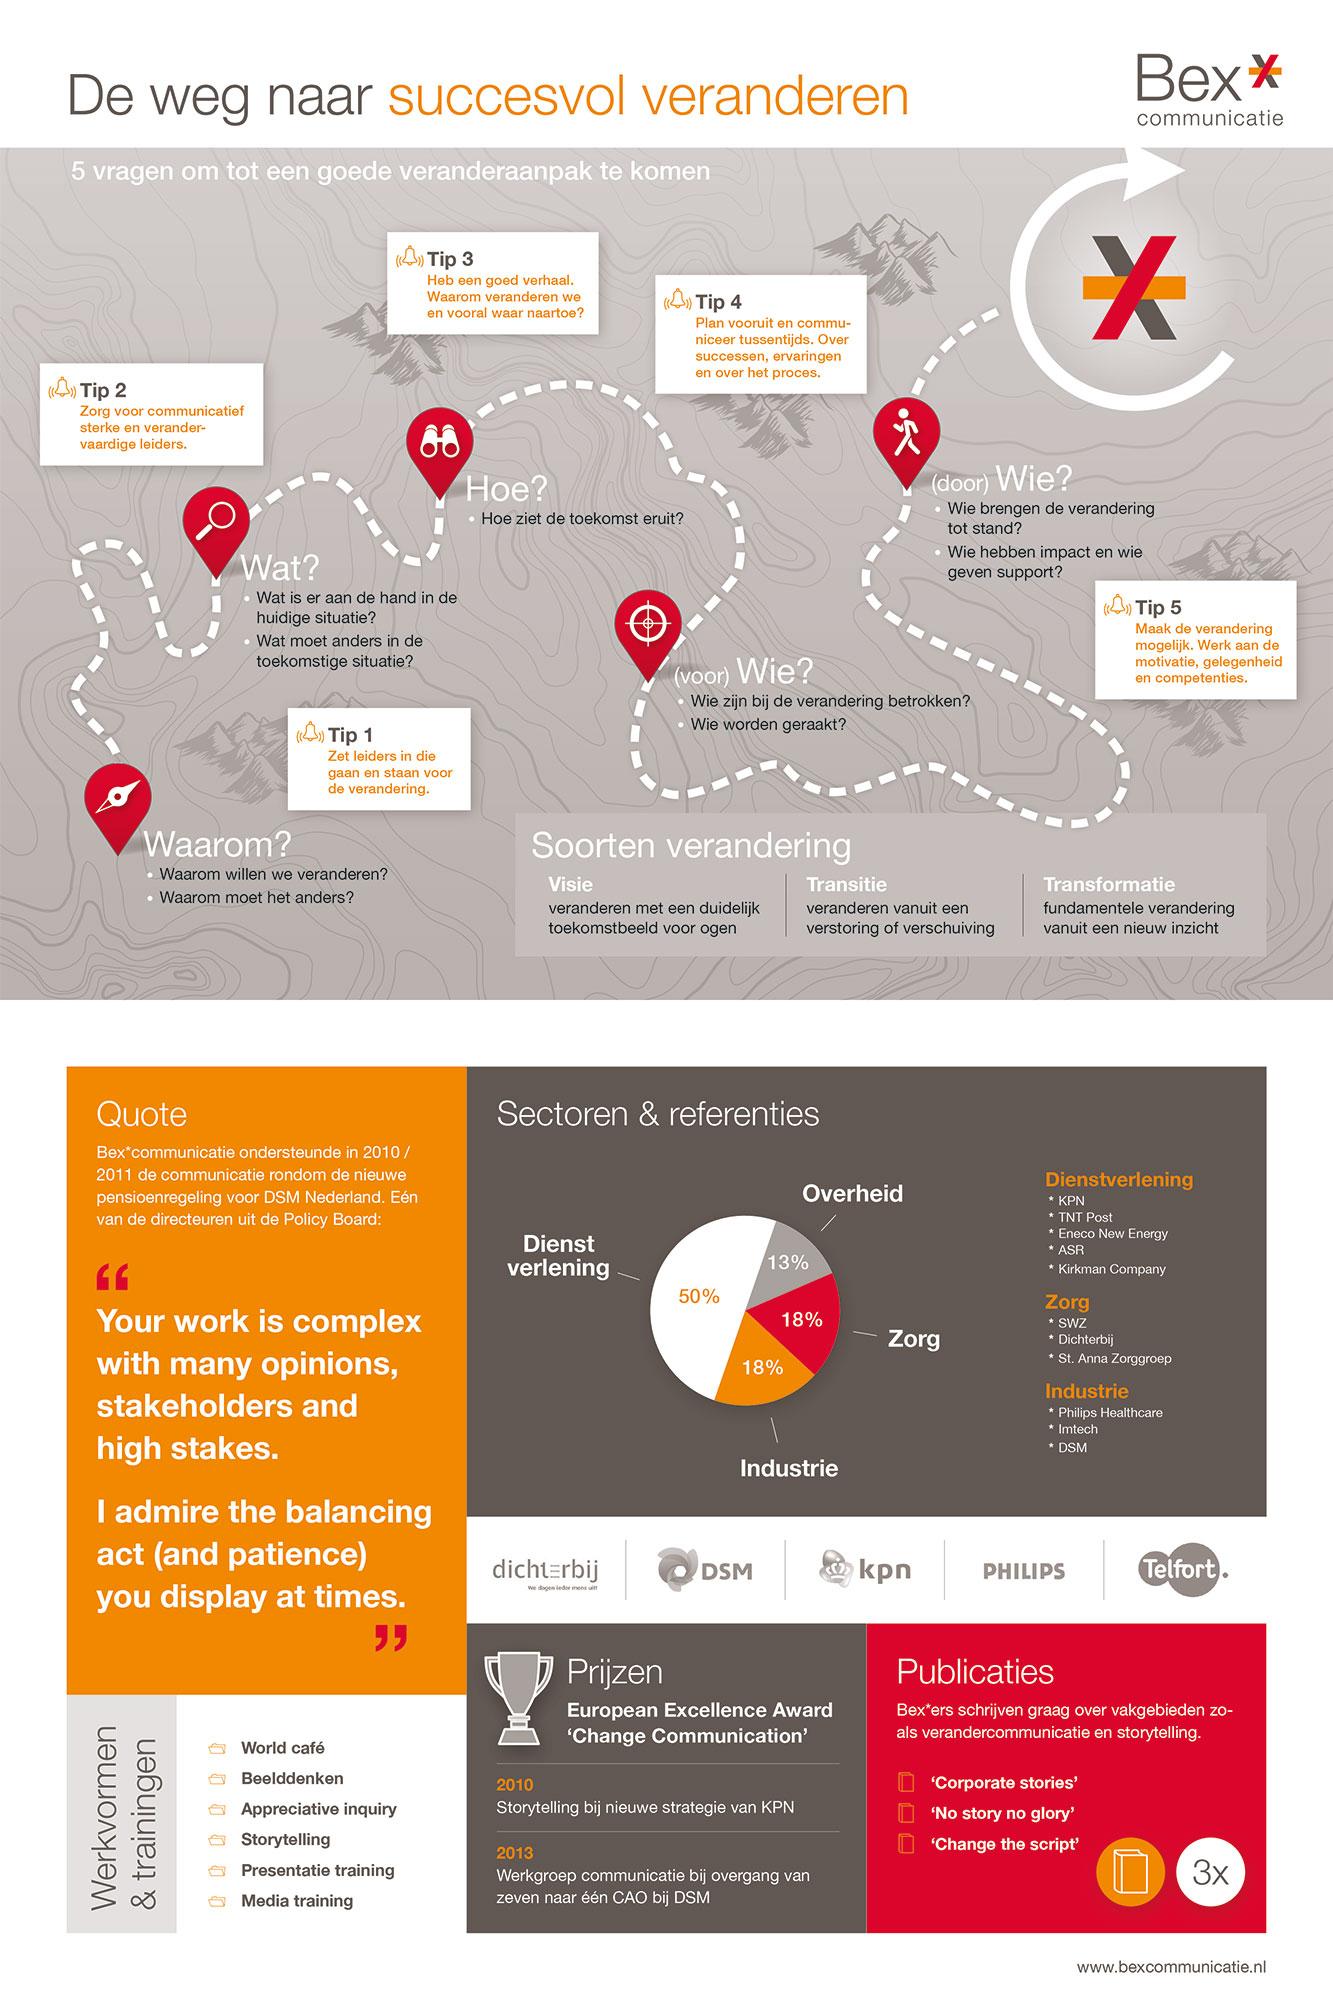 De weg naar succesvol veranderen BEX communicatie infographic JAgd ontwerp